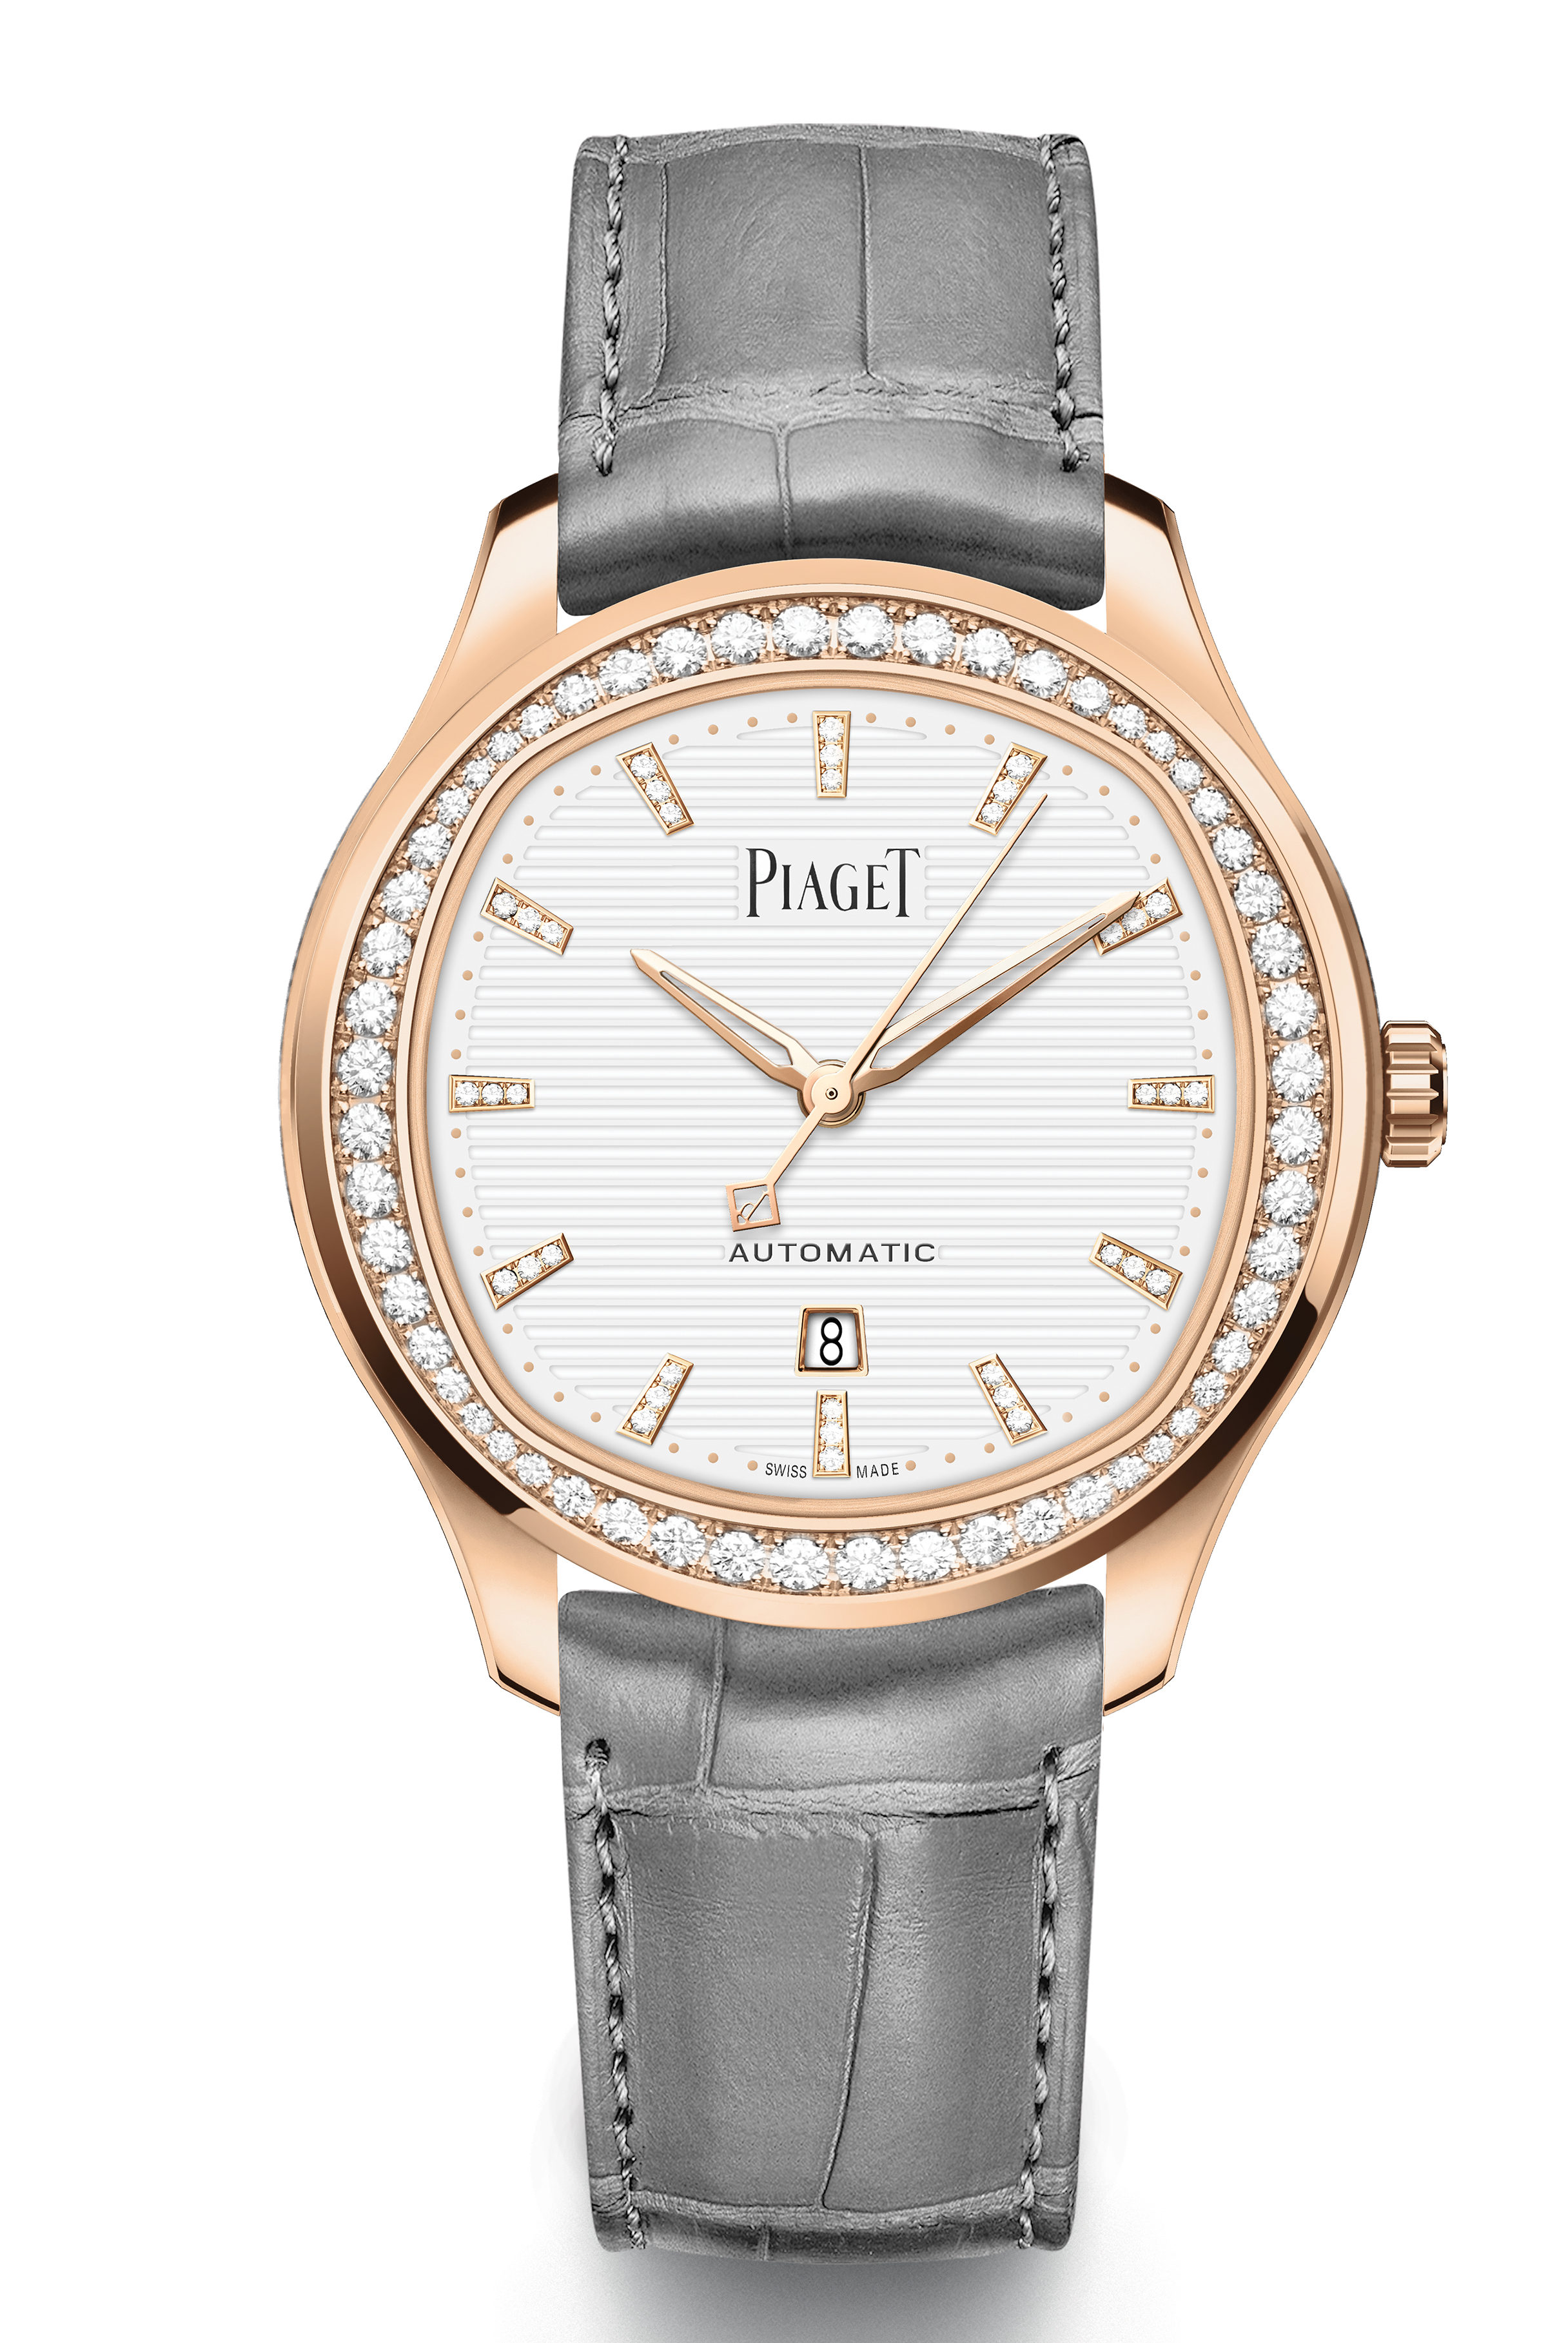 Đã xuất hiện chiếc đồng hồ nữ đầu tiên trong BST Piaget Polo lịch sử - Ảnh 4